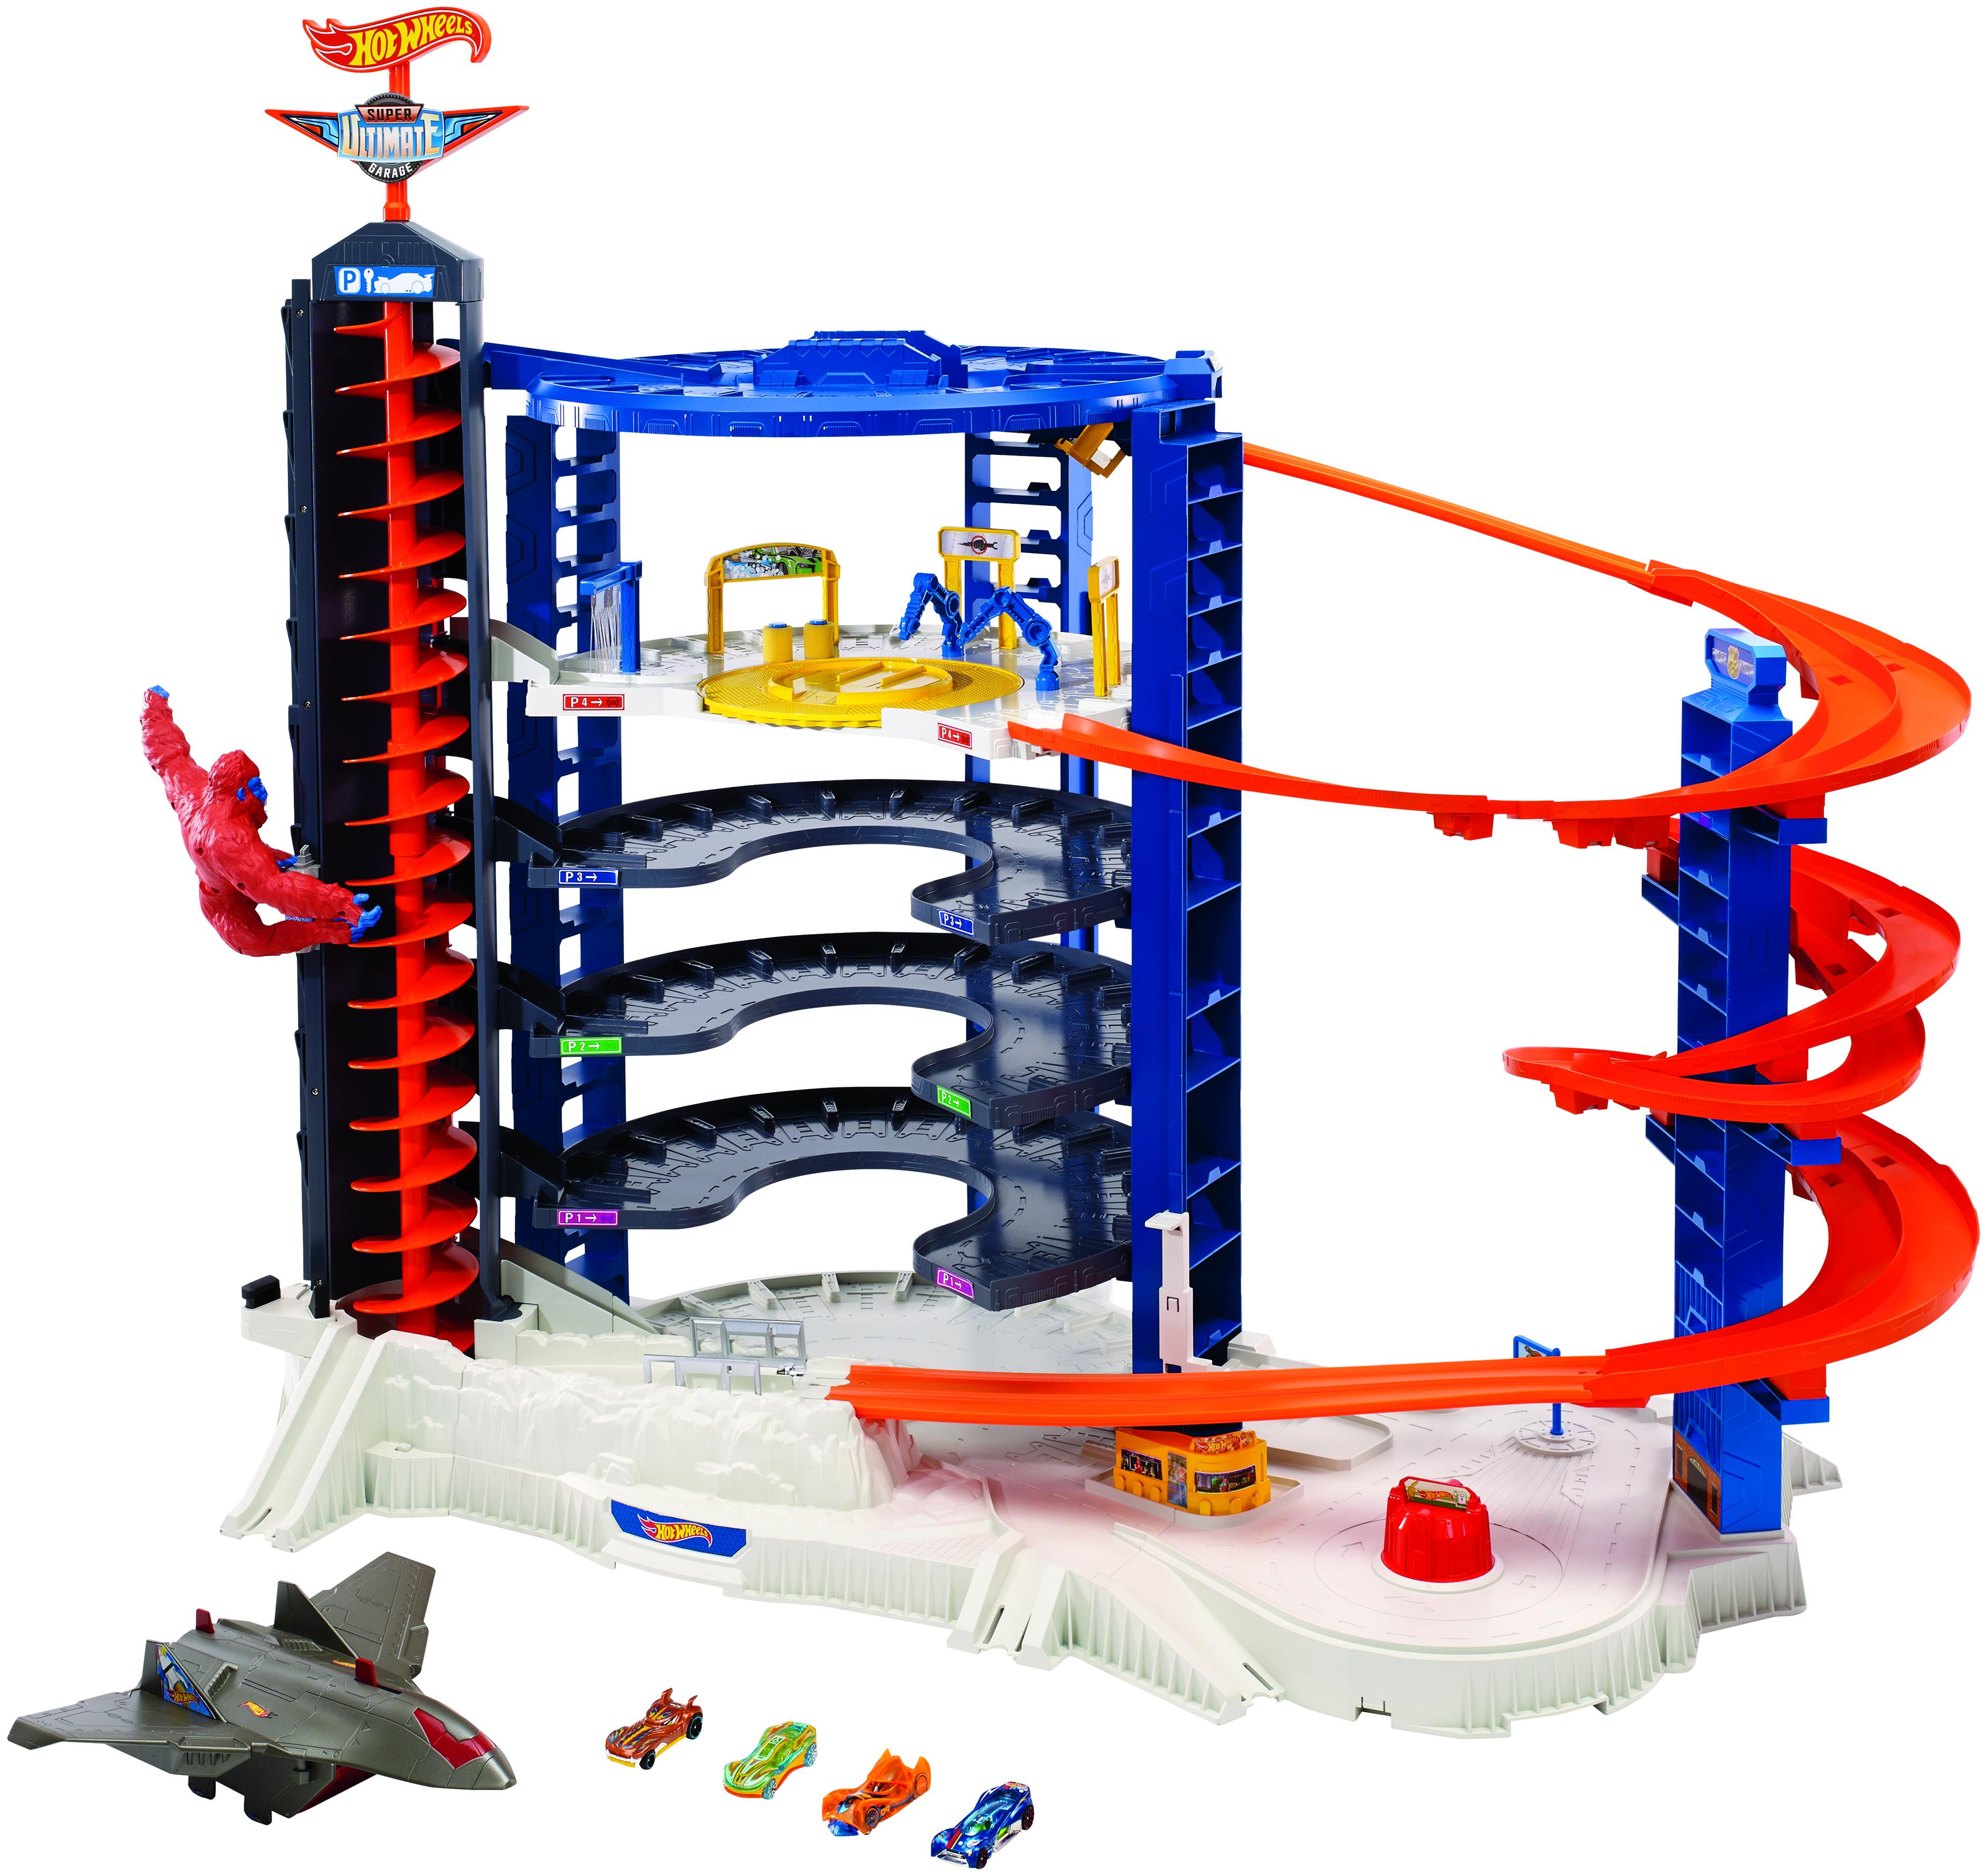 Гаражи и игровые наборы Hot Wheels Игровой набор Hot Wheels «Невообразимая Башня» игровые наборы vtech игровой набор аэропорт 80 144126